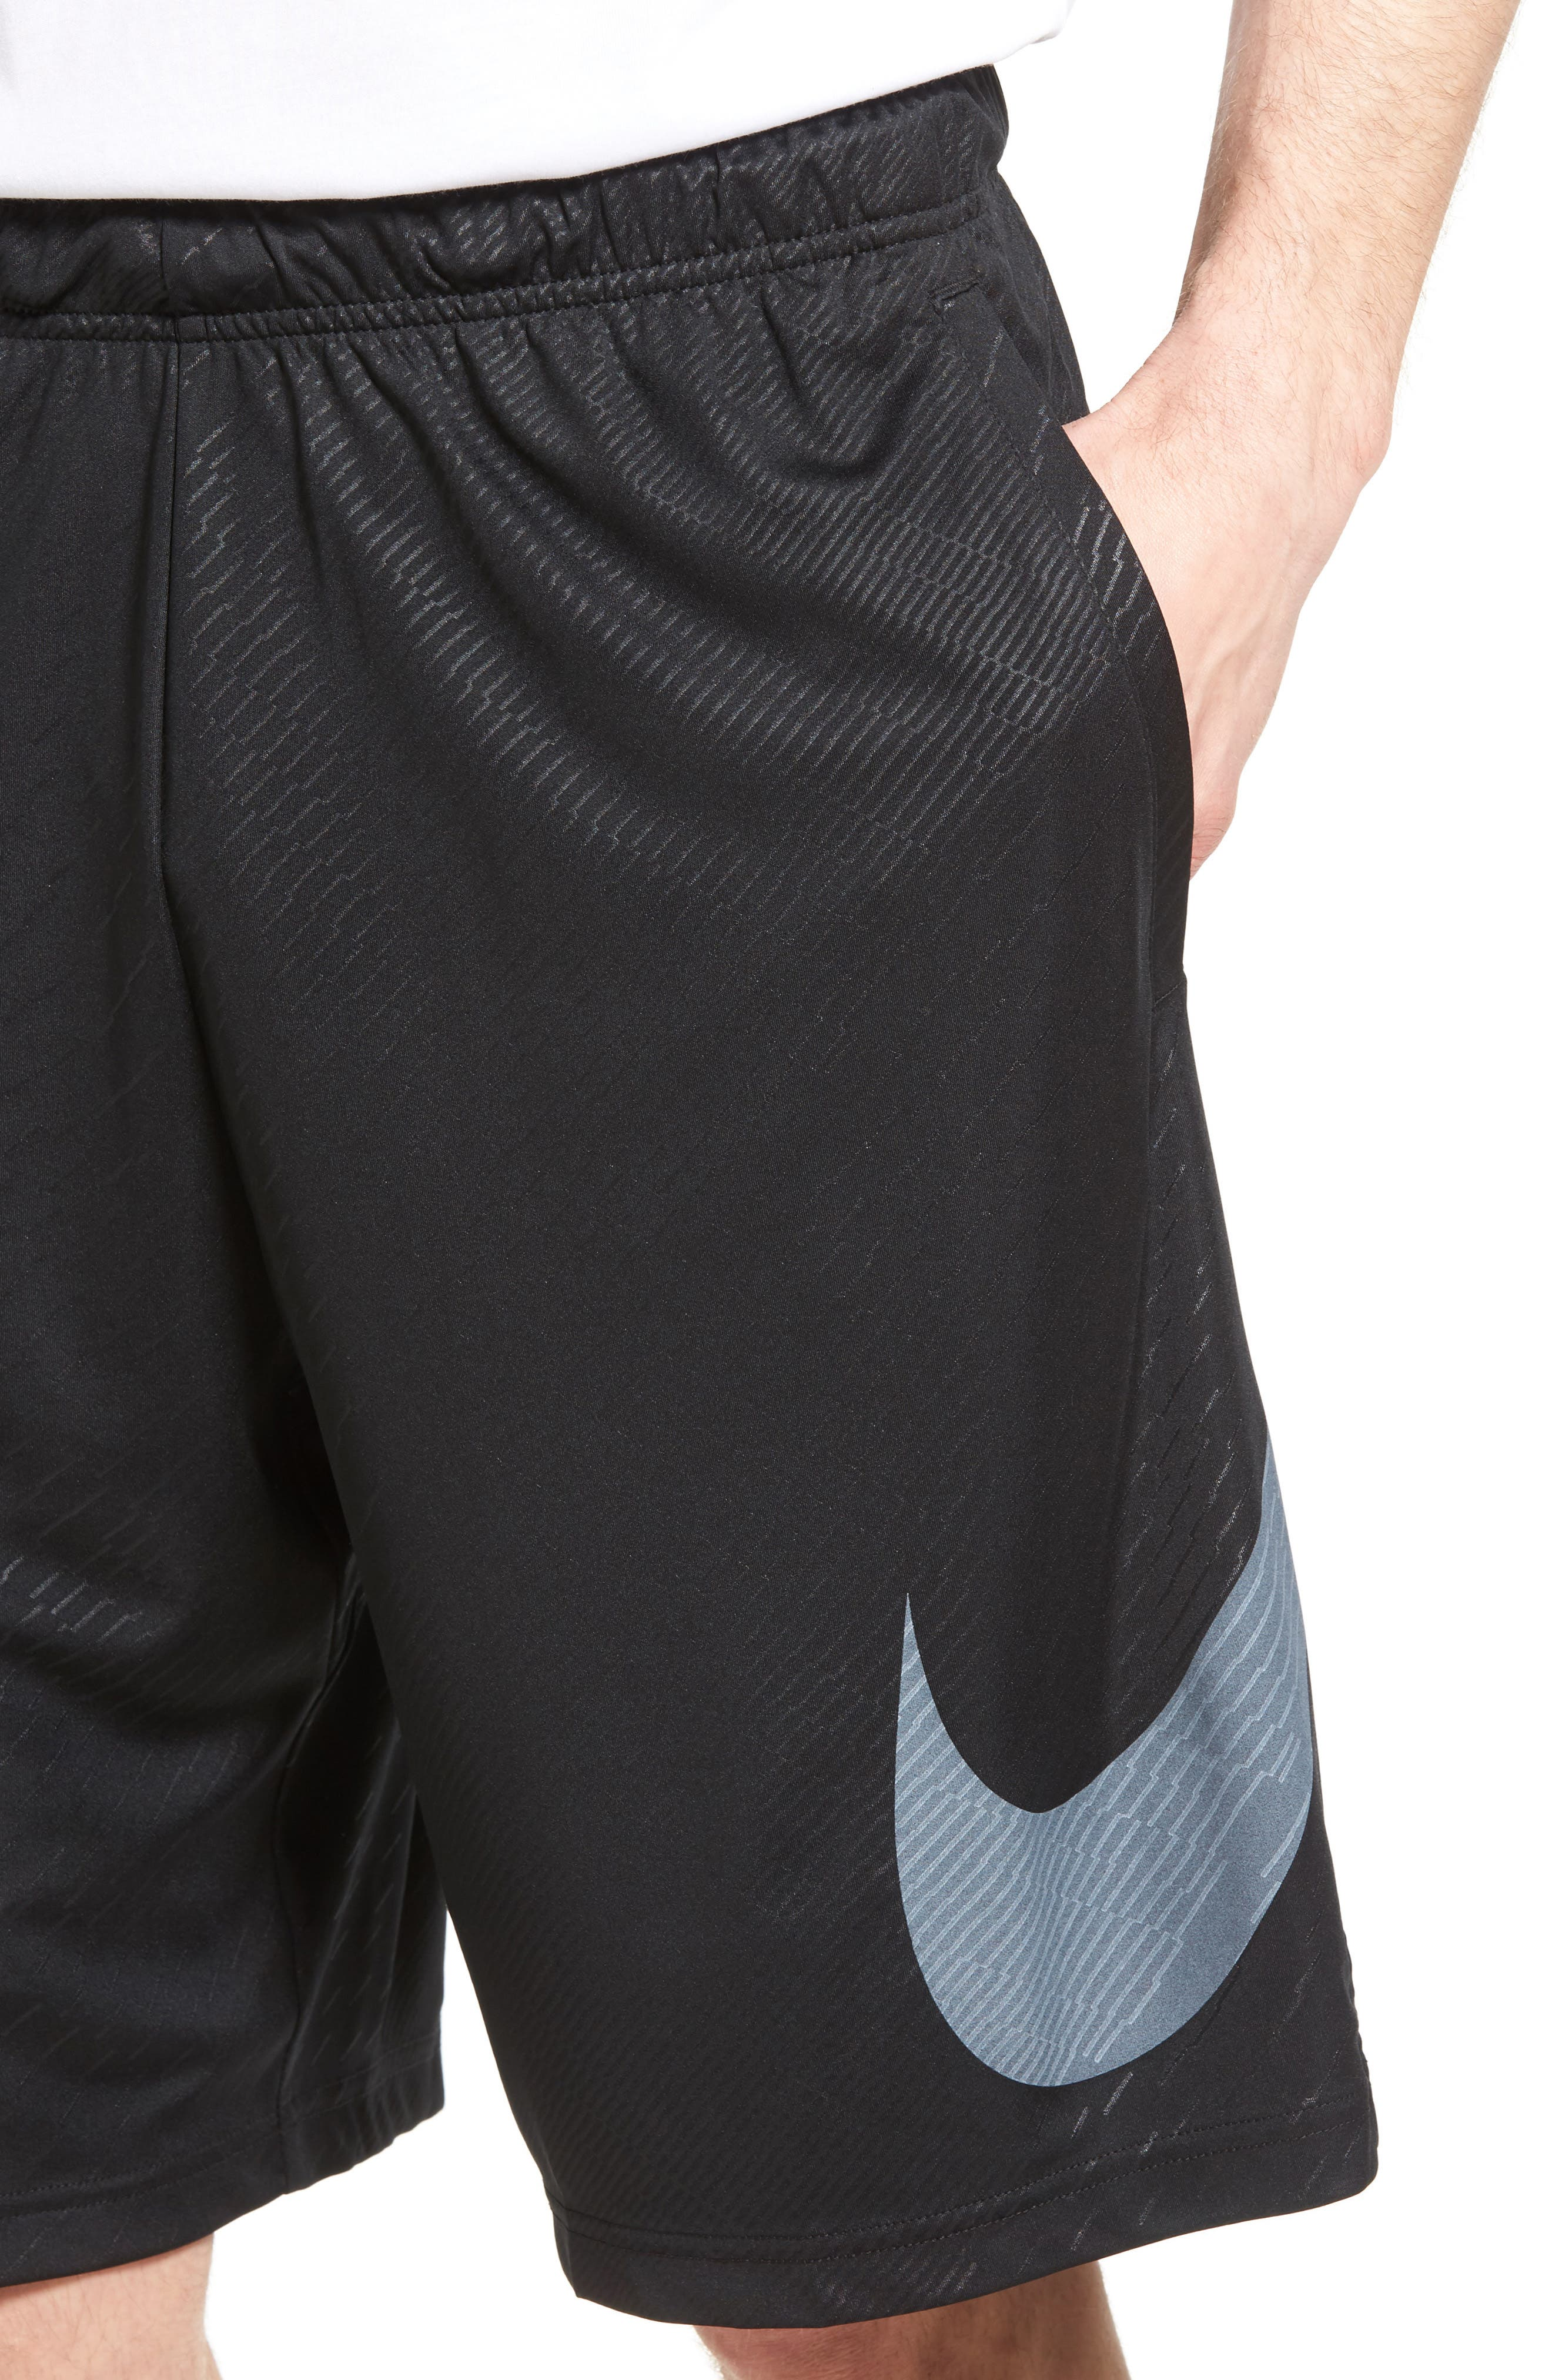 Dry Training Shorts,                             Alternate thumbnail 4, color,                             Black/ White